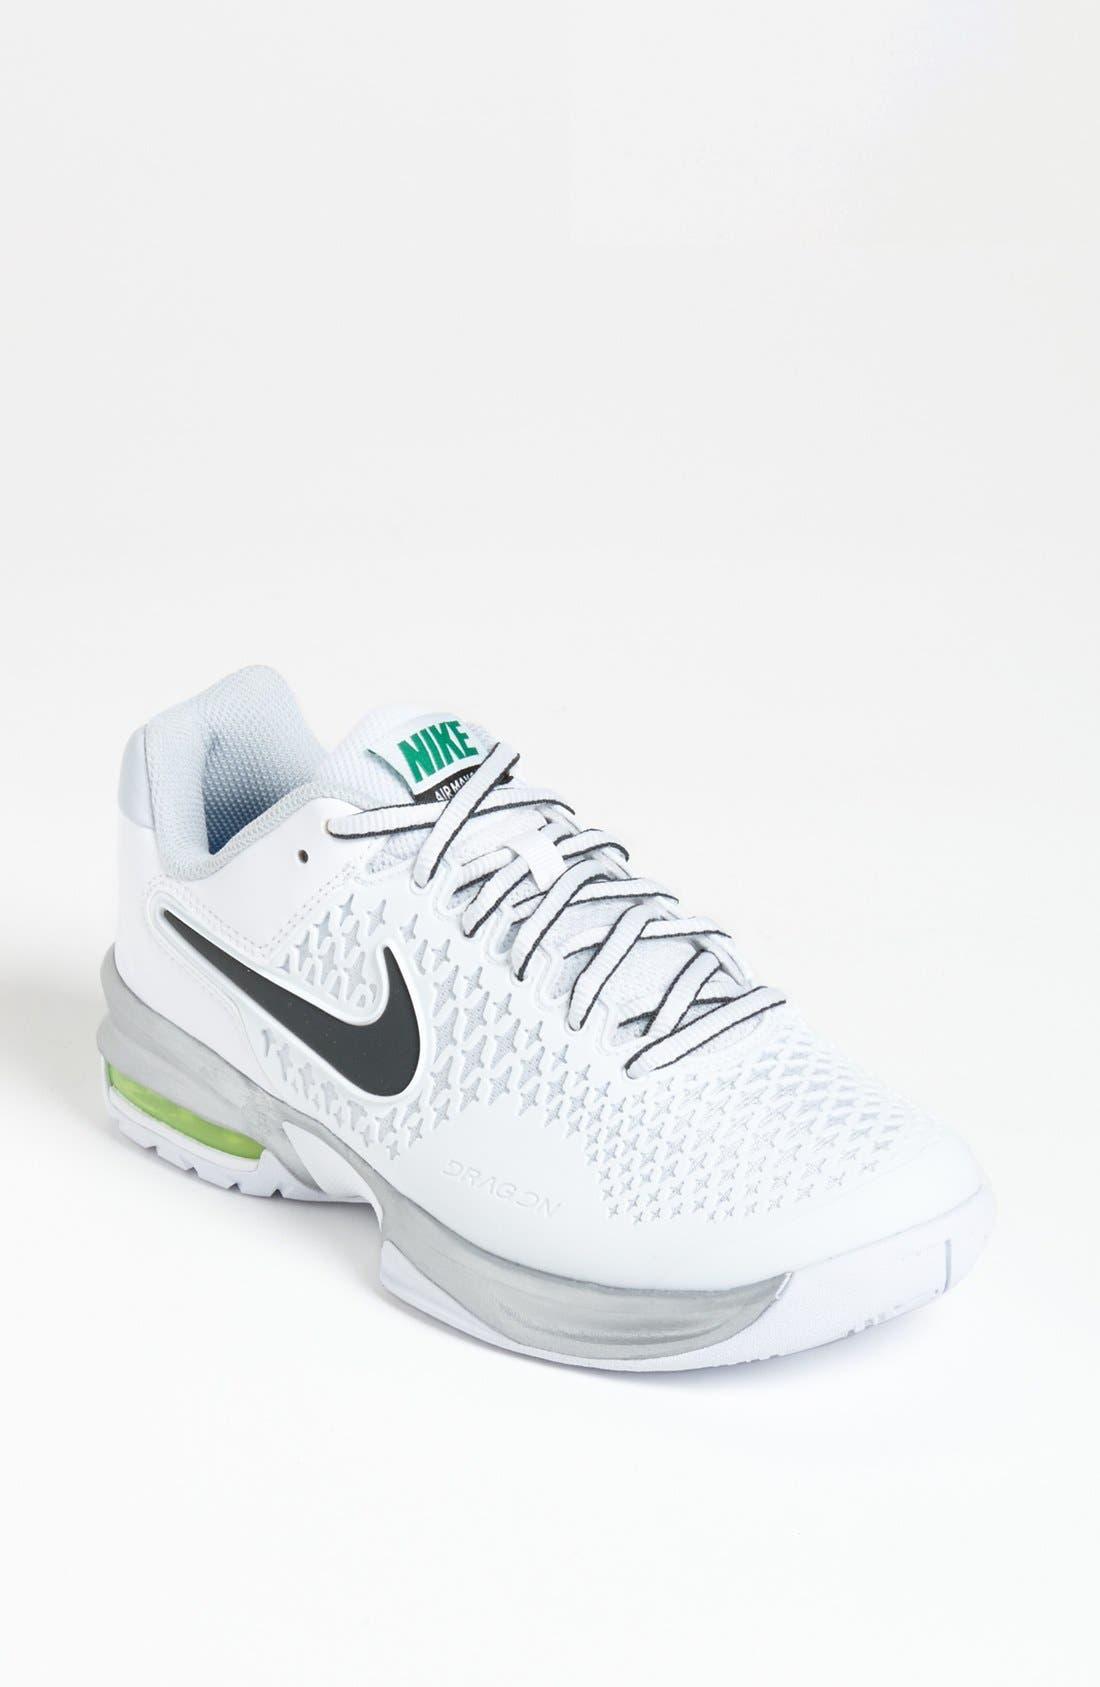 Alternate Image 1 Selected - Nike 'Air Max Cage' Tennis Shoe (Women) (Regular Retail Price: $115.00)